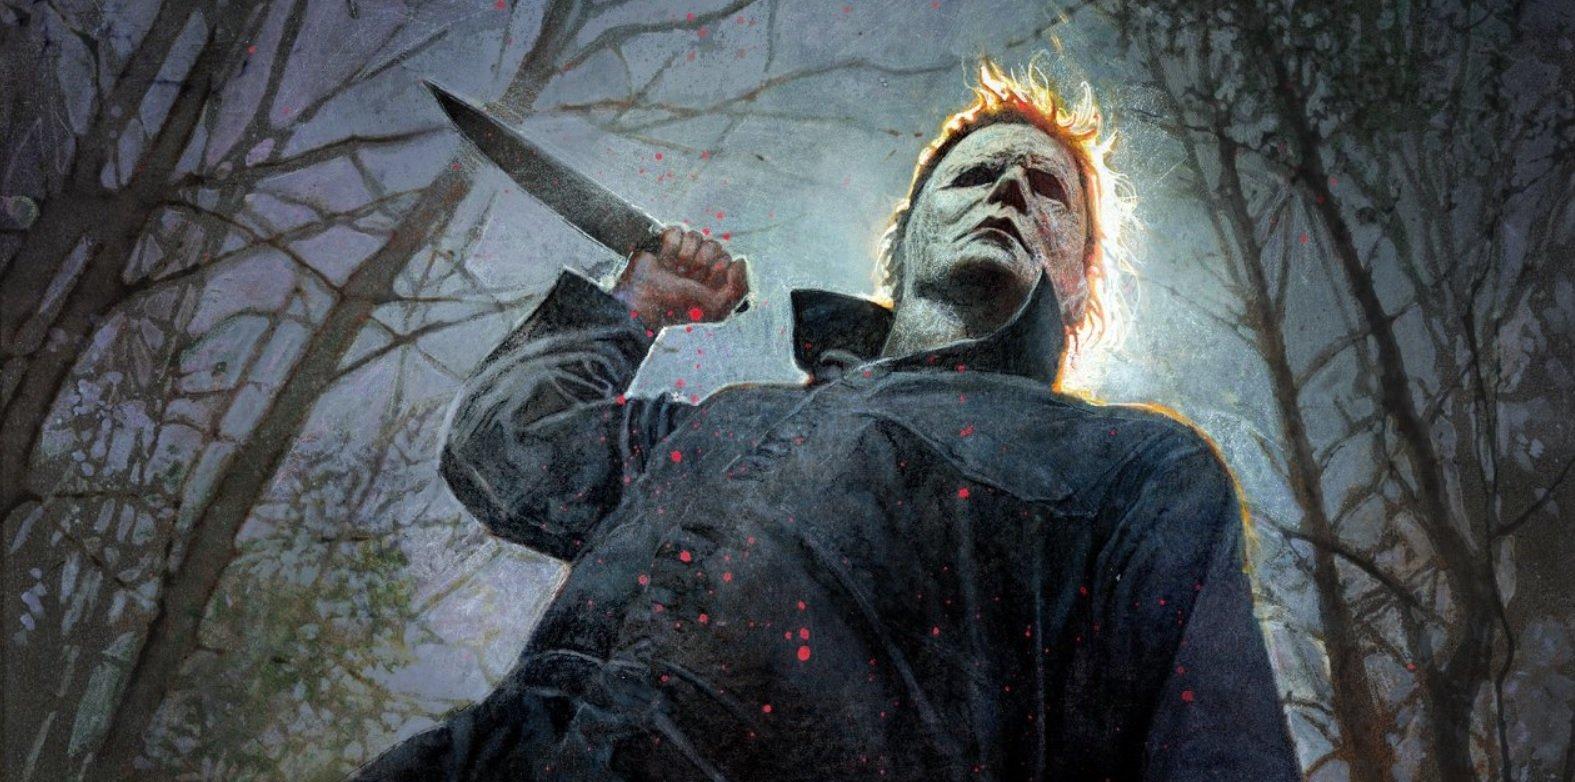 Najlepsze horrory 2018 roku (lista aktualizowana)